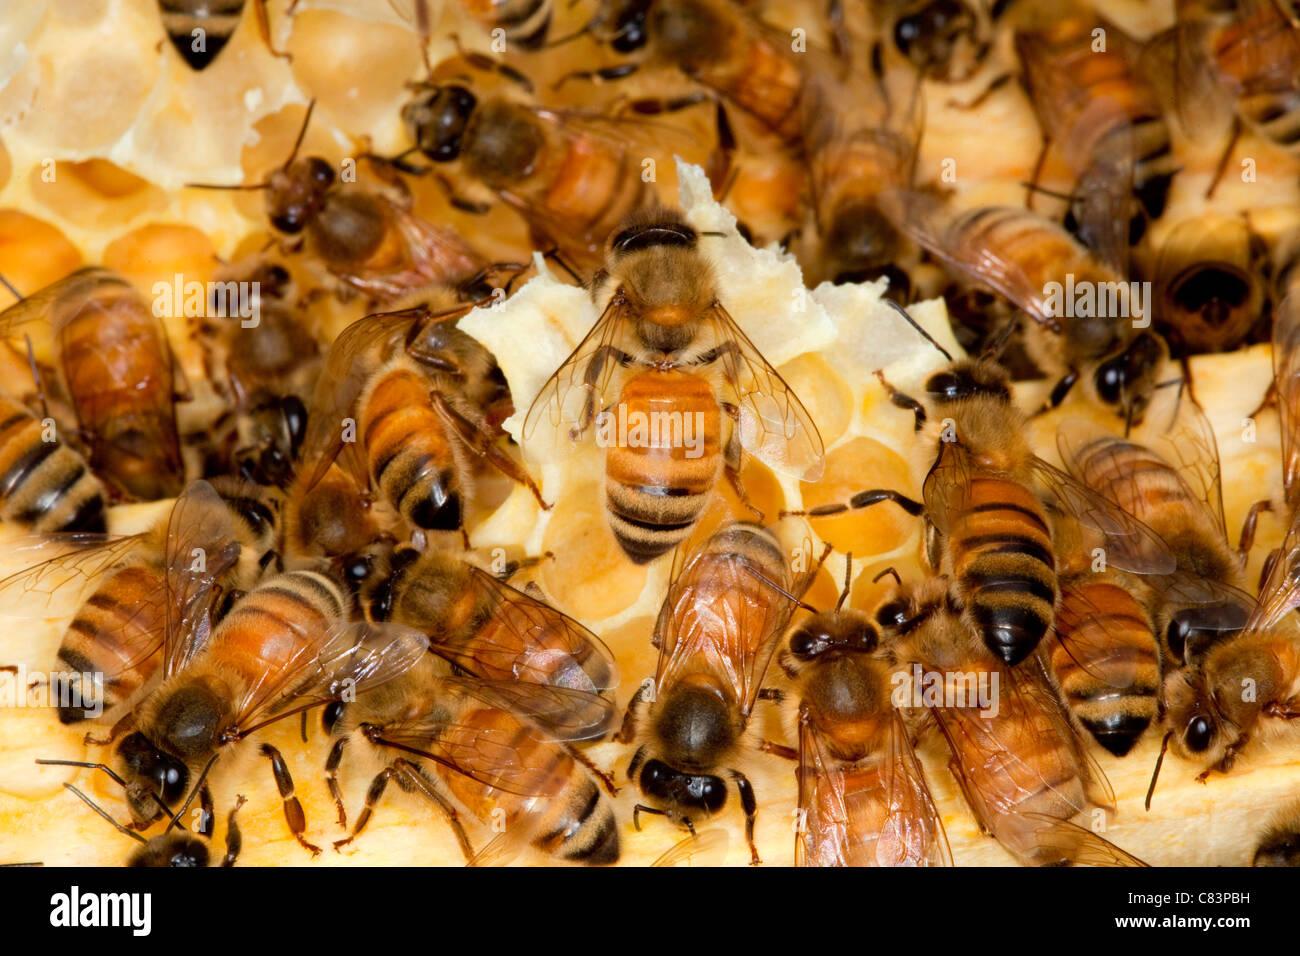 Eine Kolonie von Honigbienen. Stockbild